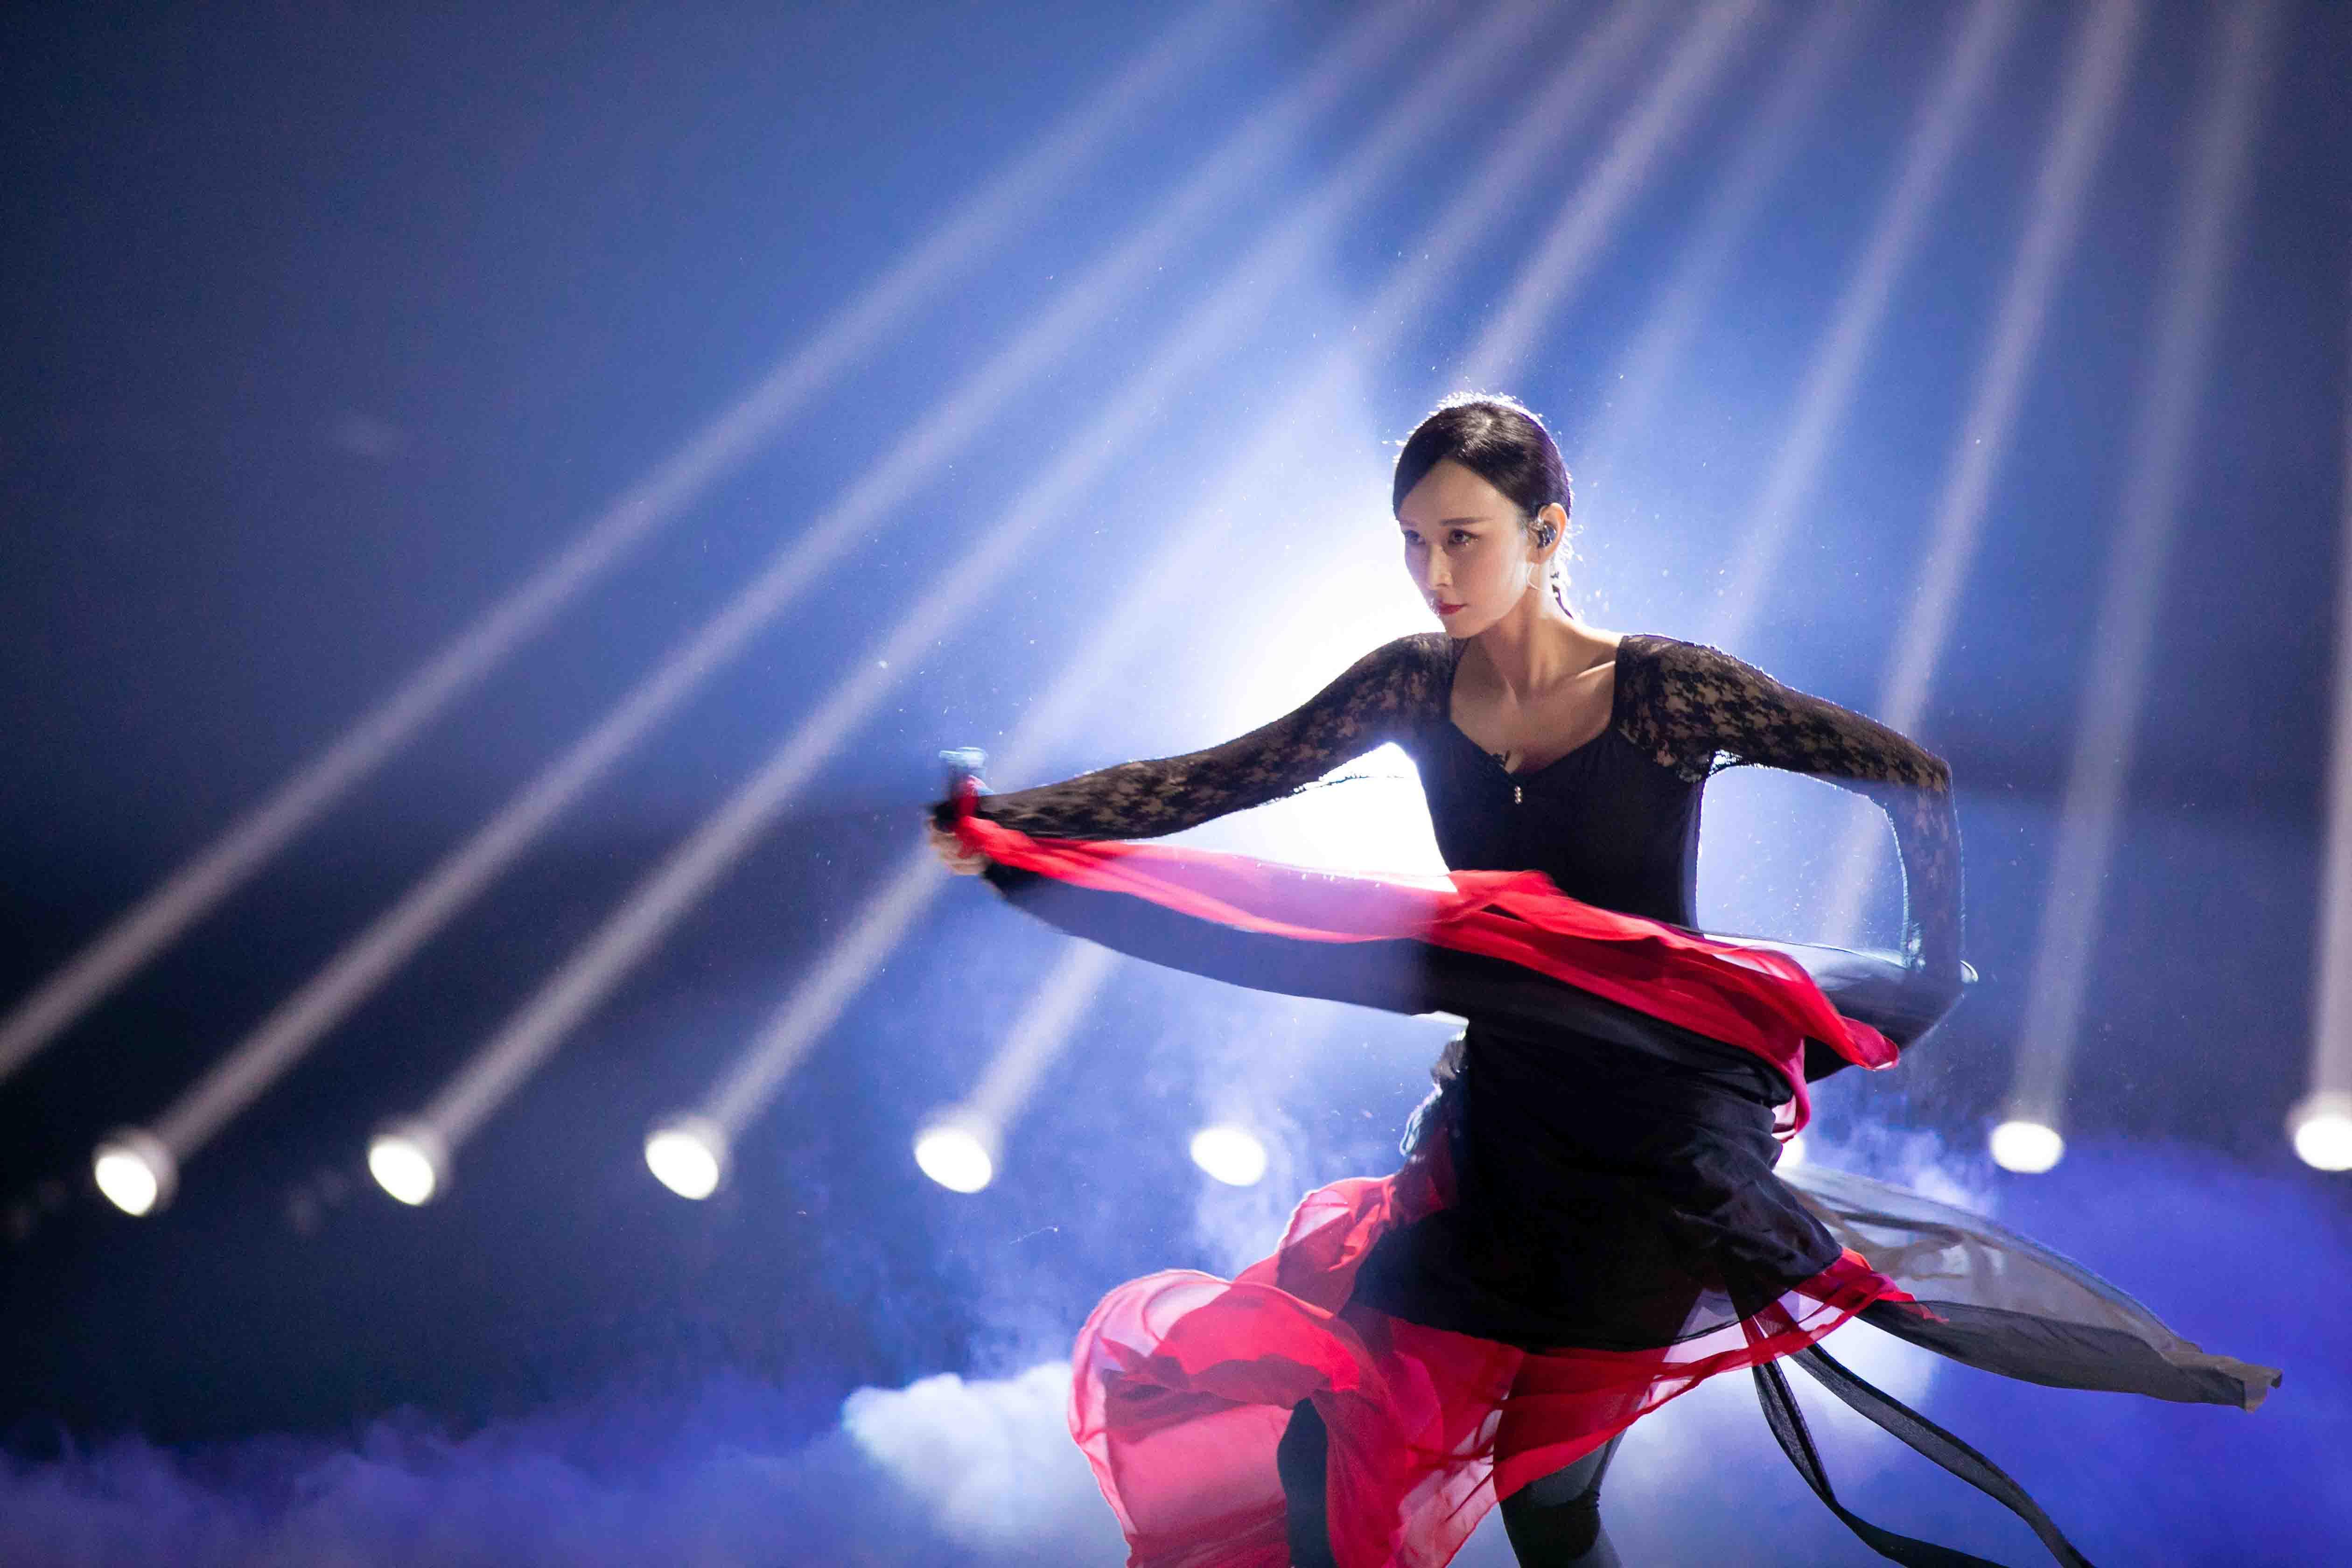 胡静《姐姐2》初舞台展超强实力  《大鱼》舞艺惊艳气质高雅